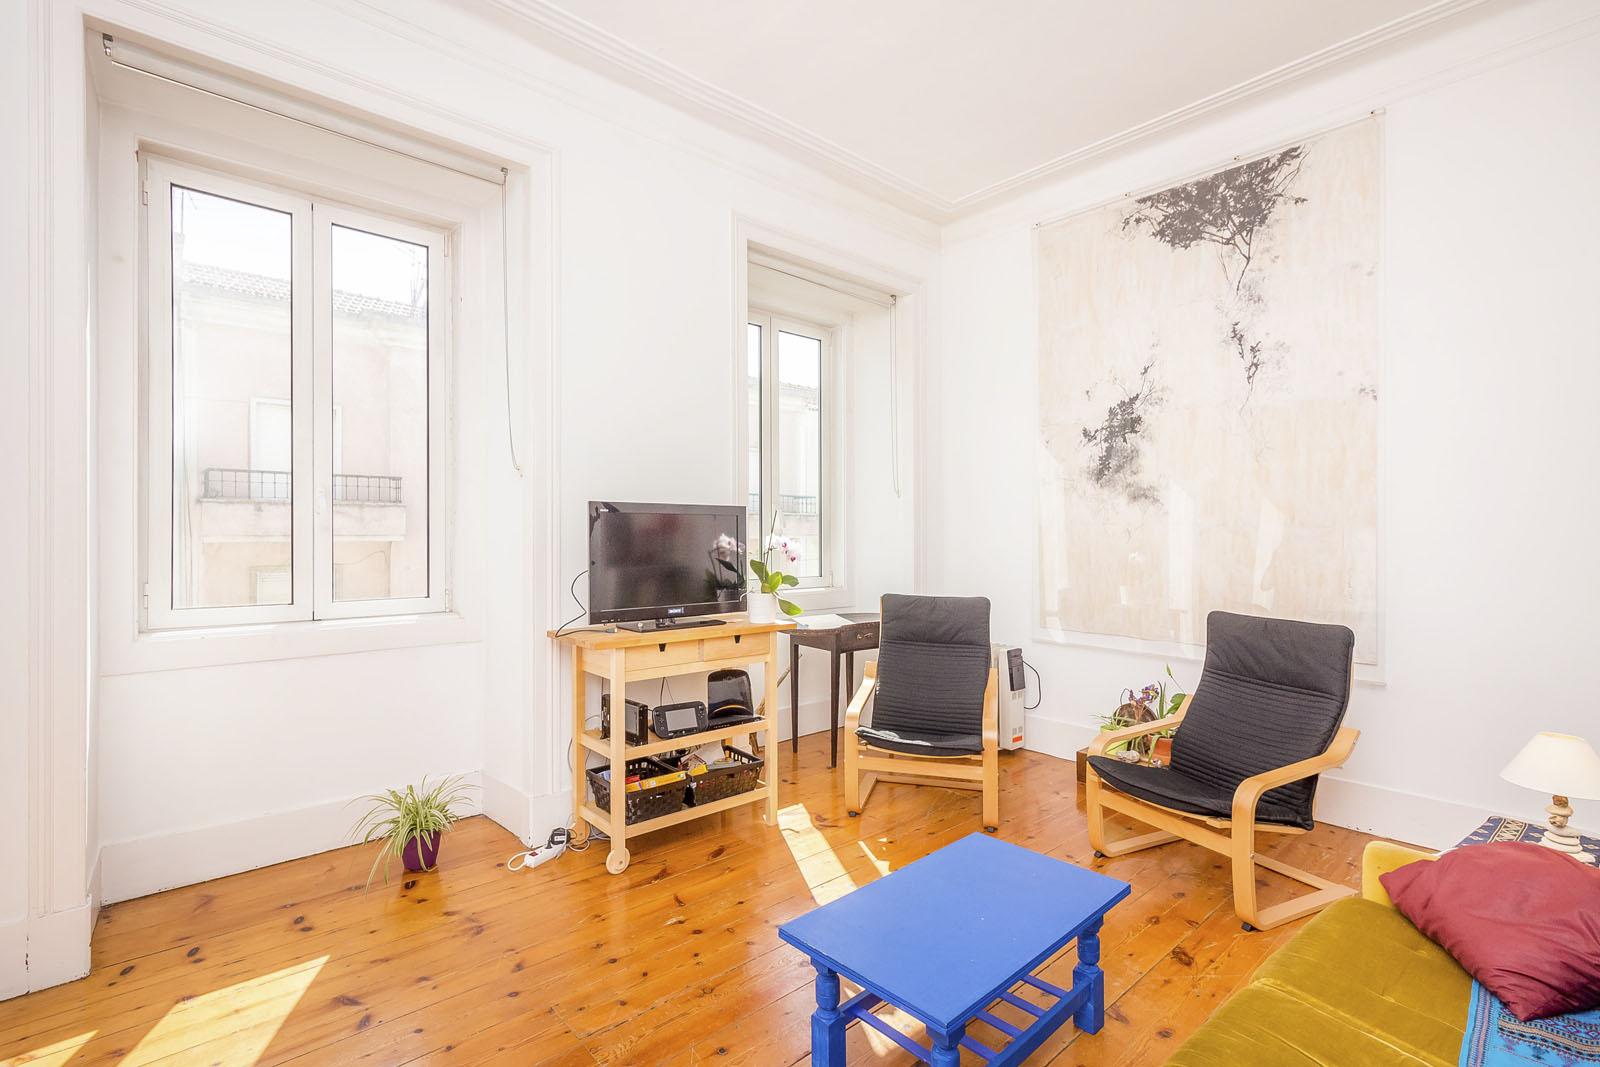 INFORMAÇÃO ESSENCIAL: - - Localizado num dos bairros mais procurados em Lisboa- Edifício e apartamento renovados recentemente- Cozinha equipada com muita luz natural- Excelente investimento, baixa de preço de €30.000